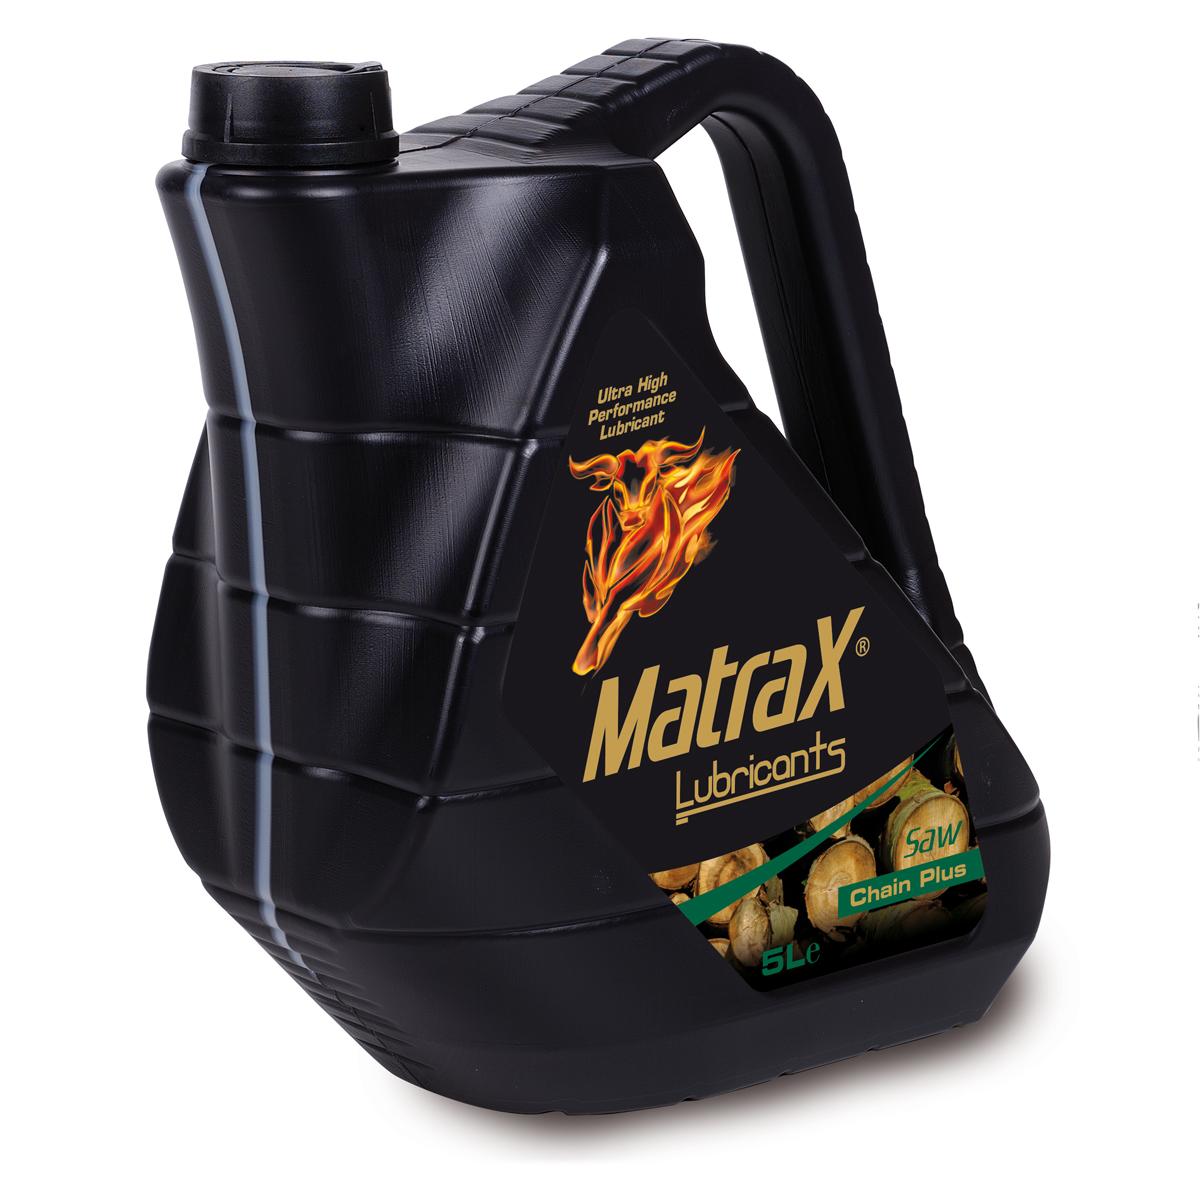 matrax-lubricants-saw-chain-plus-5l